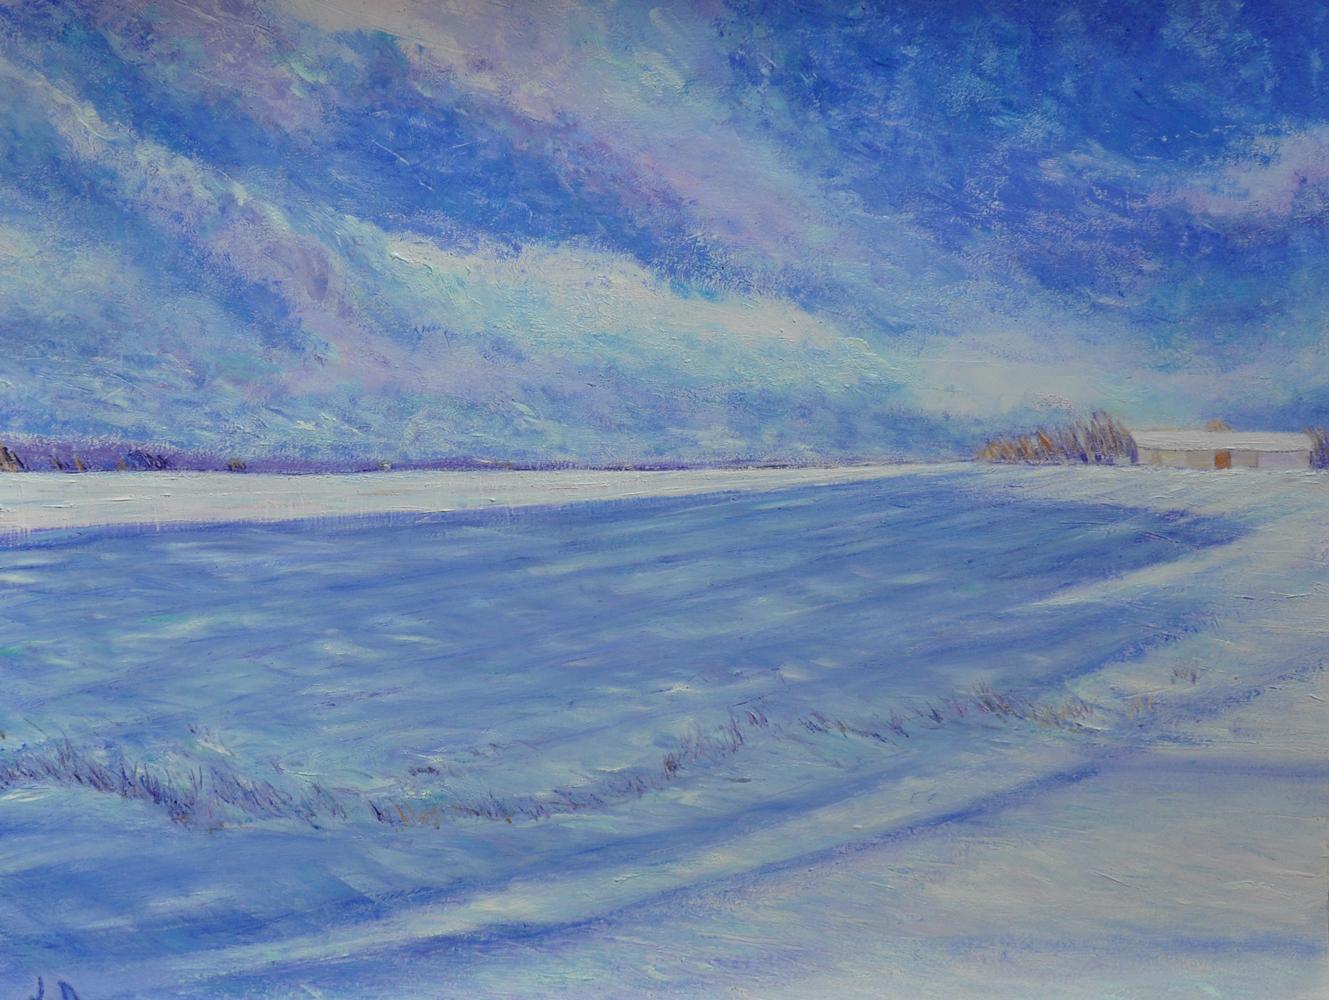 Champs en hiver, Penthalaz, no. 1. Huile sur papier, 56x76, 2017